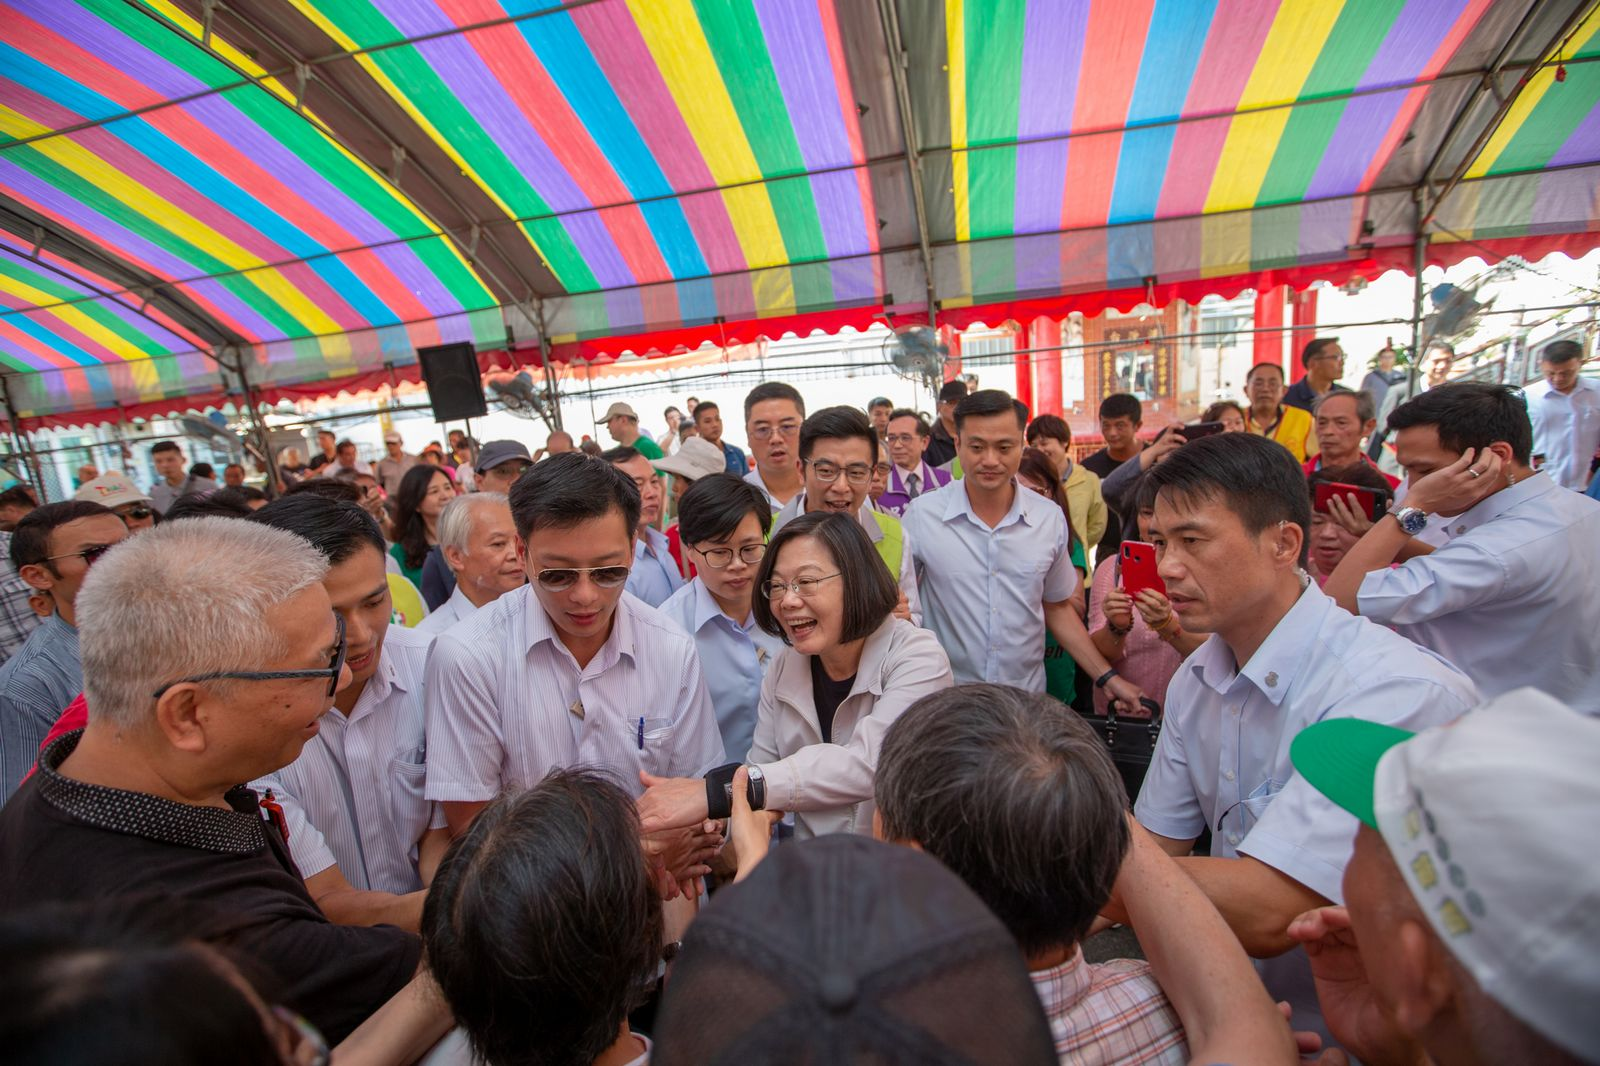 【王冠璽觀點】臺灣的「民主」選舉就是選自己的「頭人」